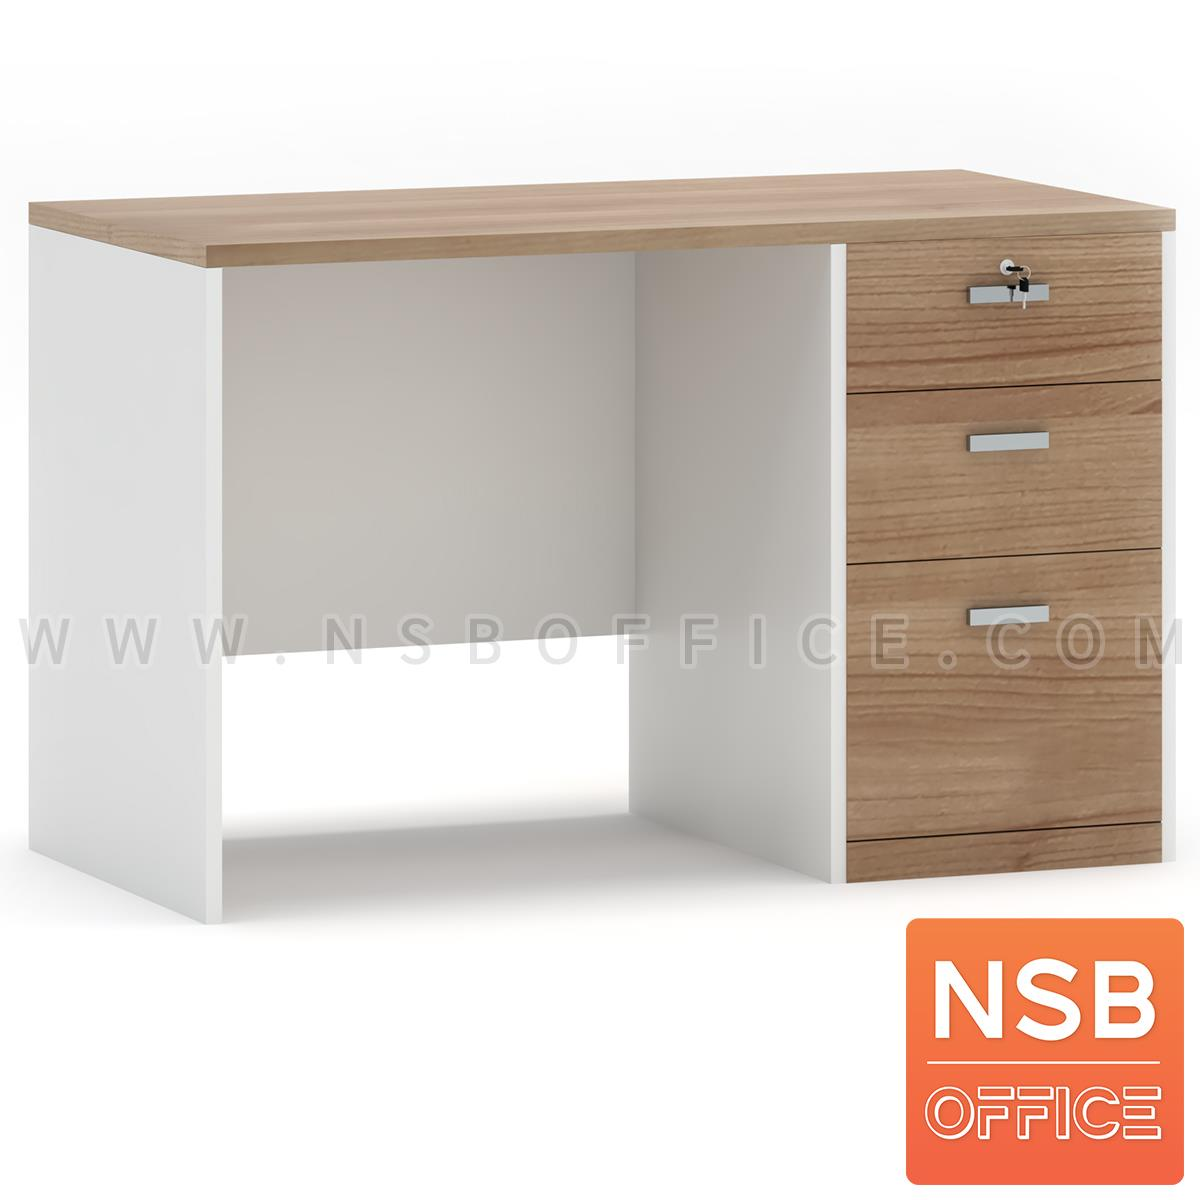 A12A051:โต๊ะทำงาน 3 ลิ้นชักถึงพื้น  ขนาด 100W ,120W ,135W ,150W cm.  เมลามีน